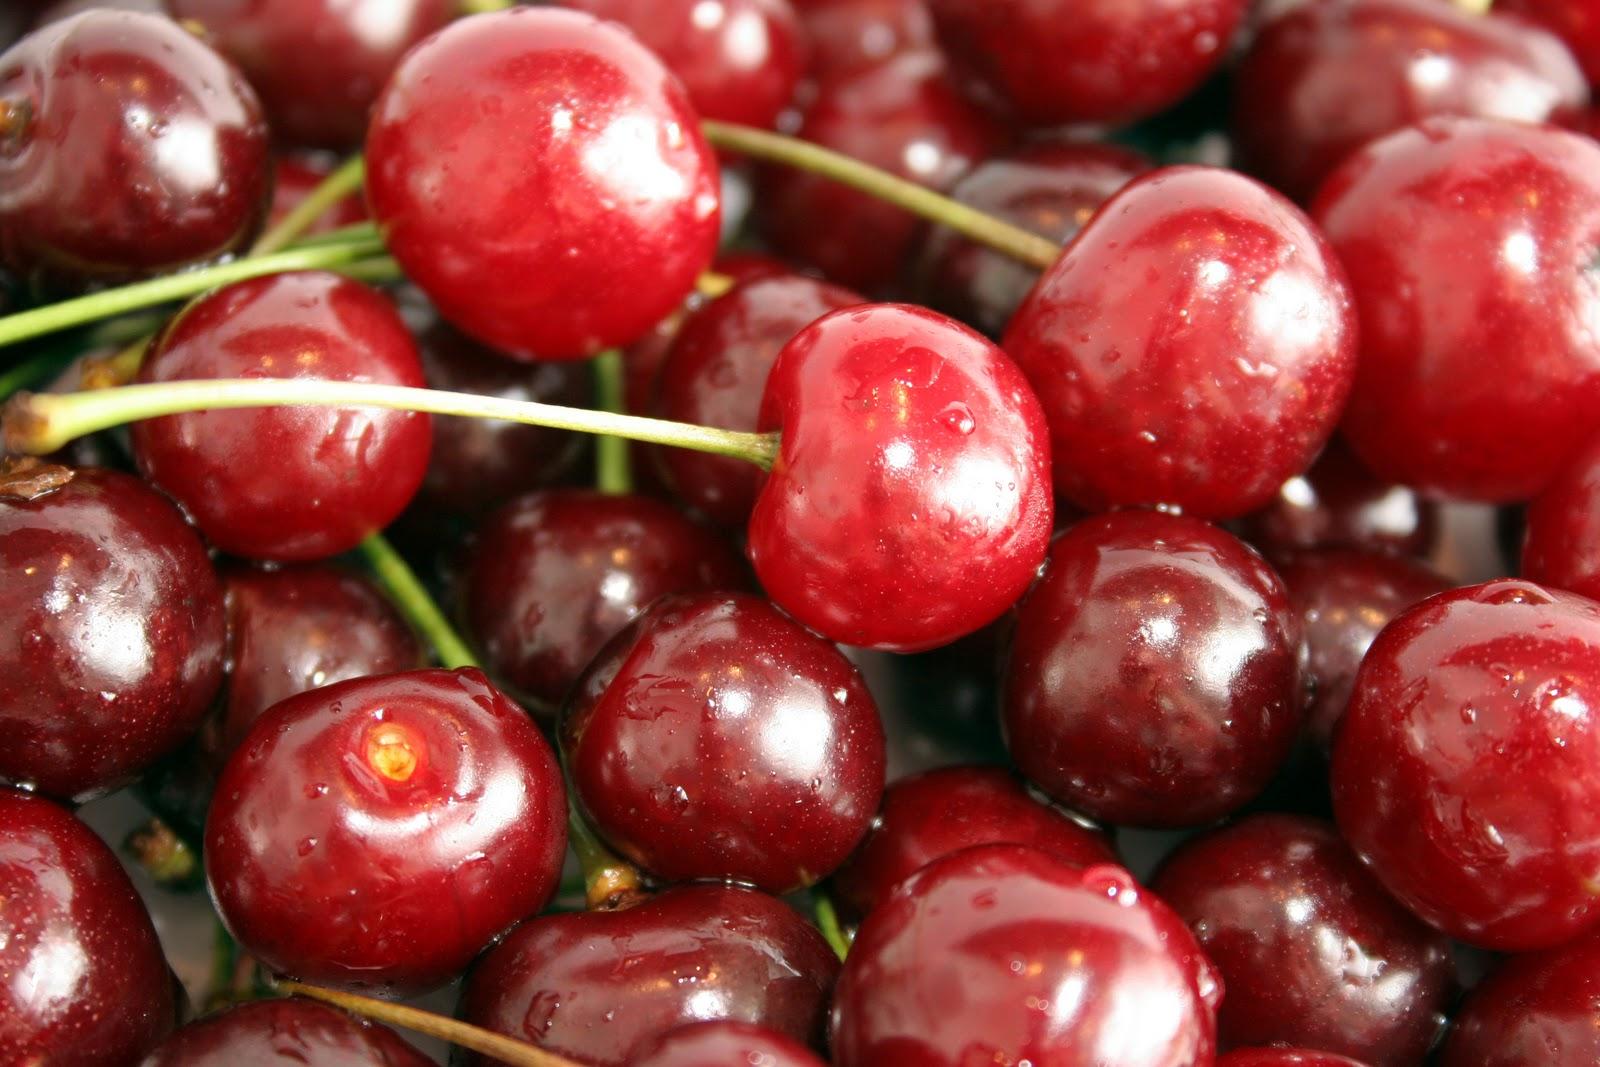 Generation Iron Cherries